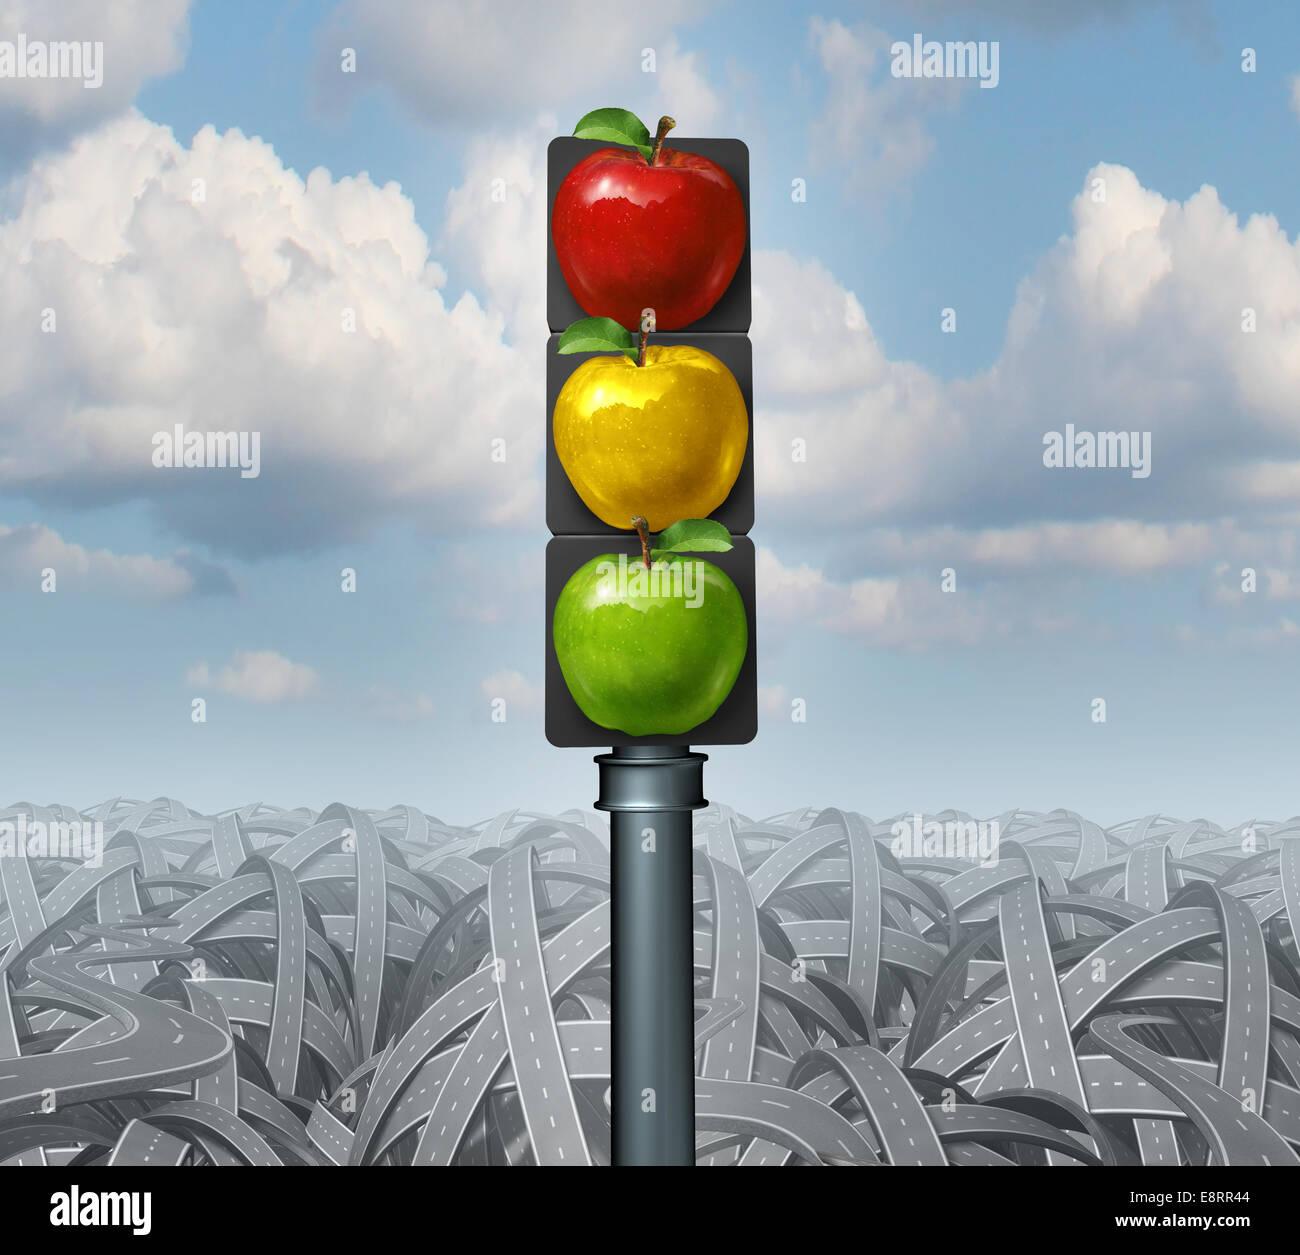 Conseils de vie saine et une alimentation saine notion que les feux de circulation avec vert jaune et pommes rouges Photo Stock